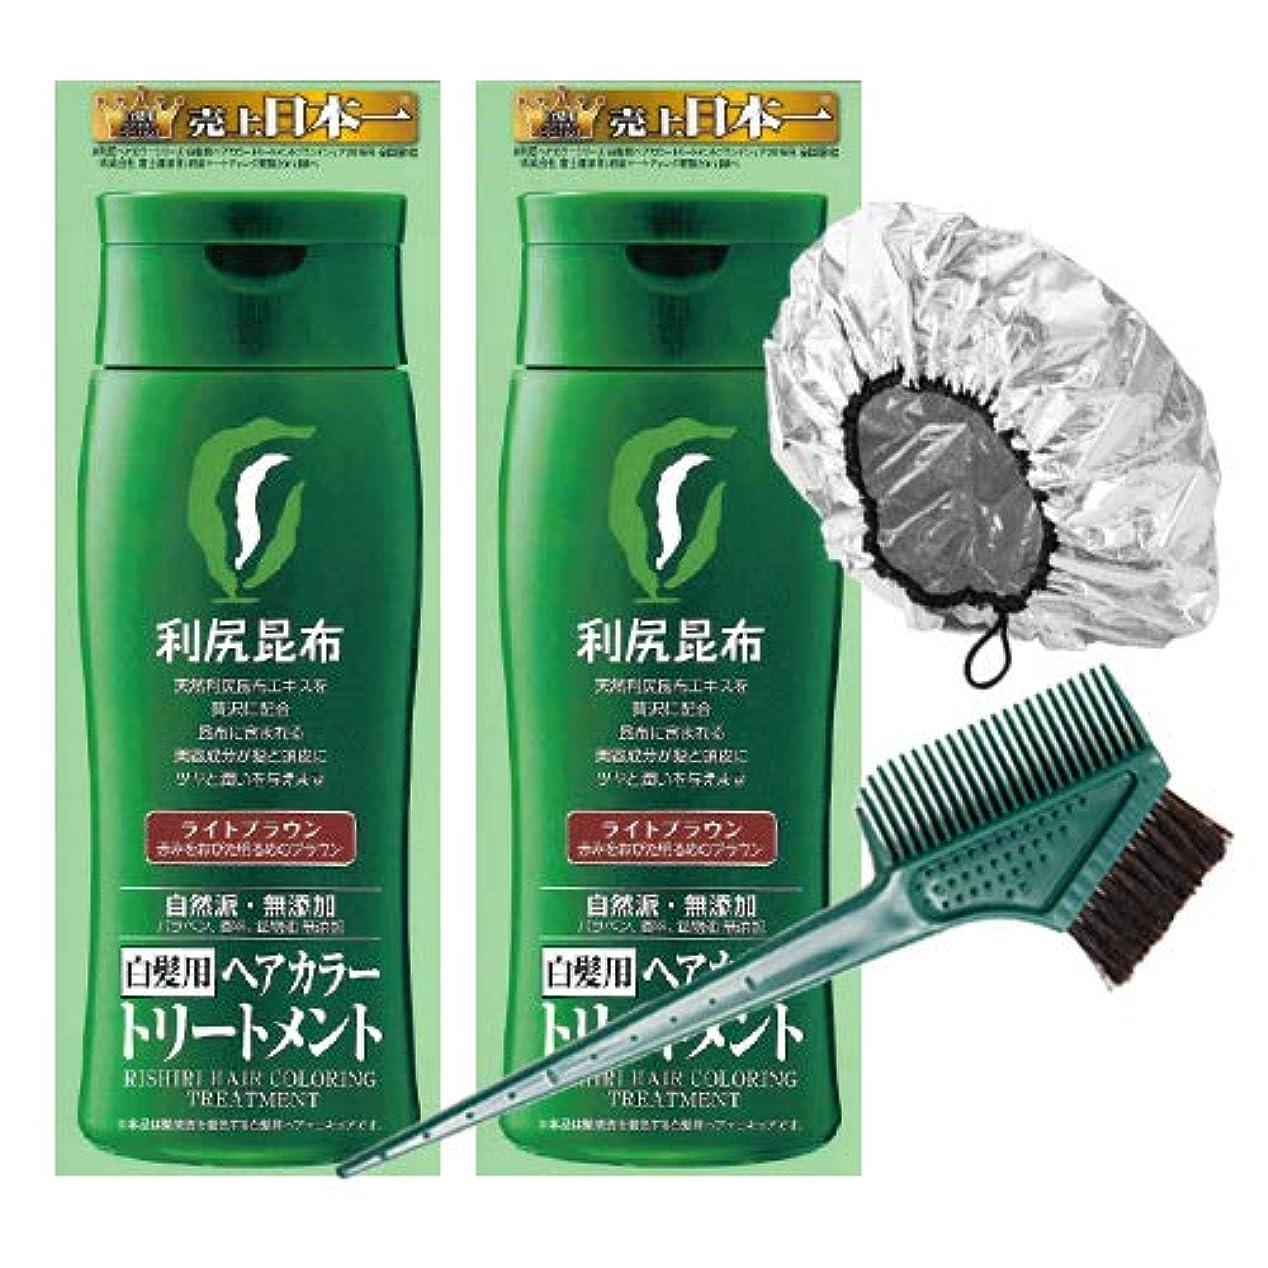 かび臭いストラップ薬利尻ヘアカラートリートメント白髪染め 200g×2本(ライトブラウン)&馬毛100%毛染めブラシ&専用キャップセット